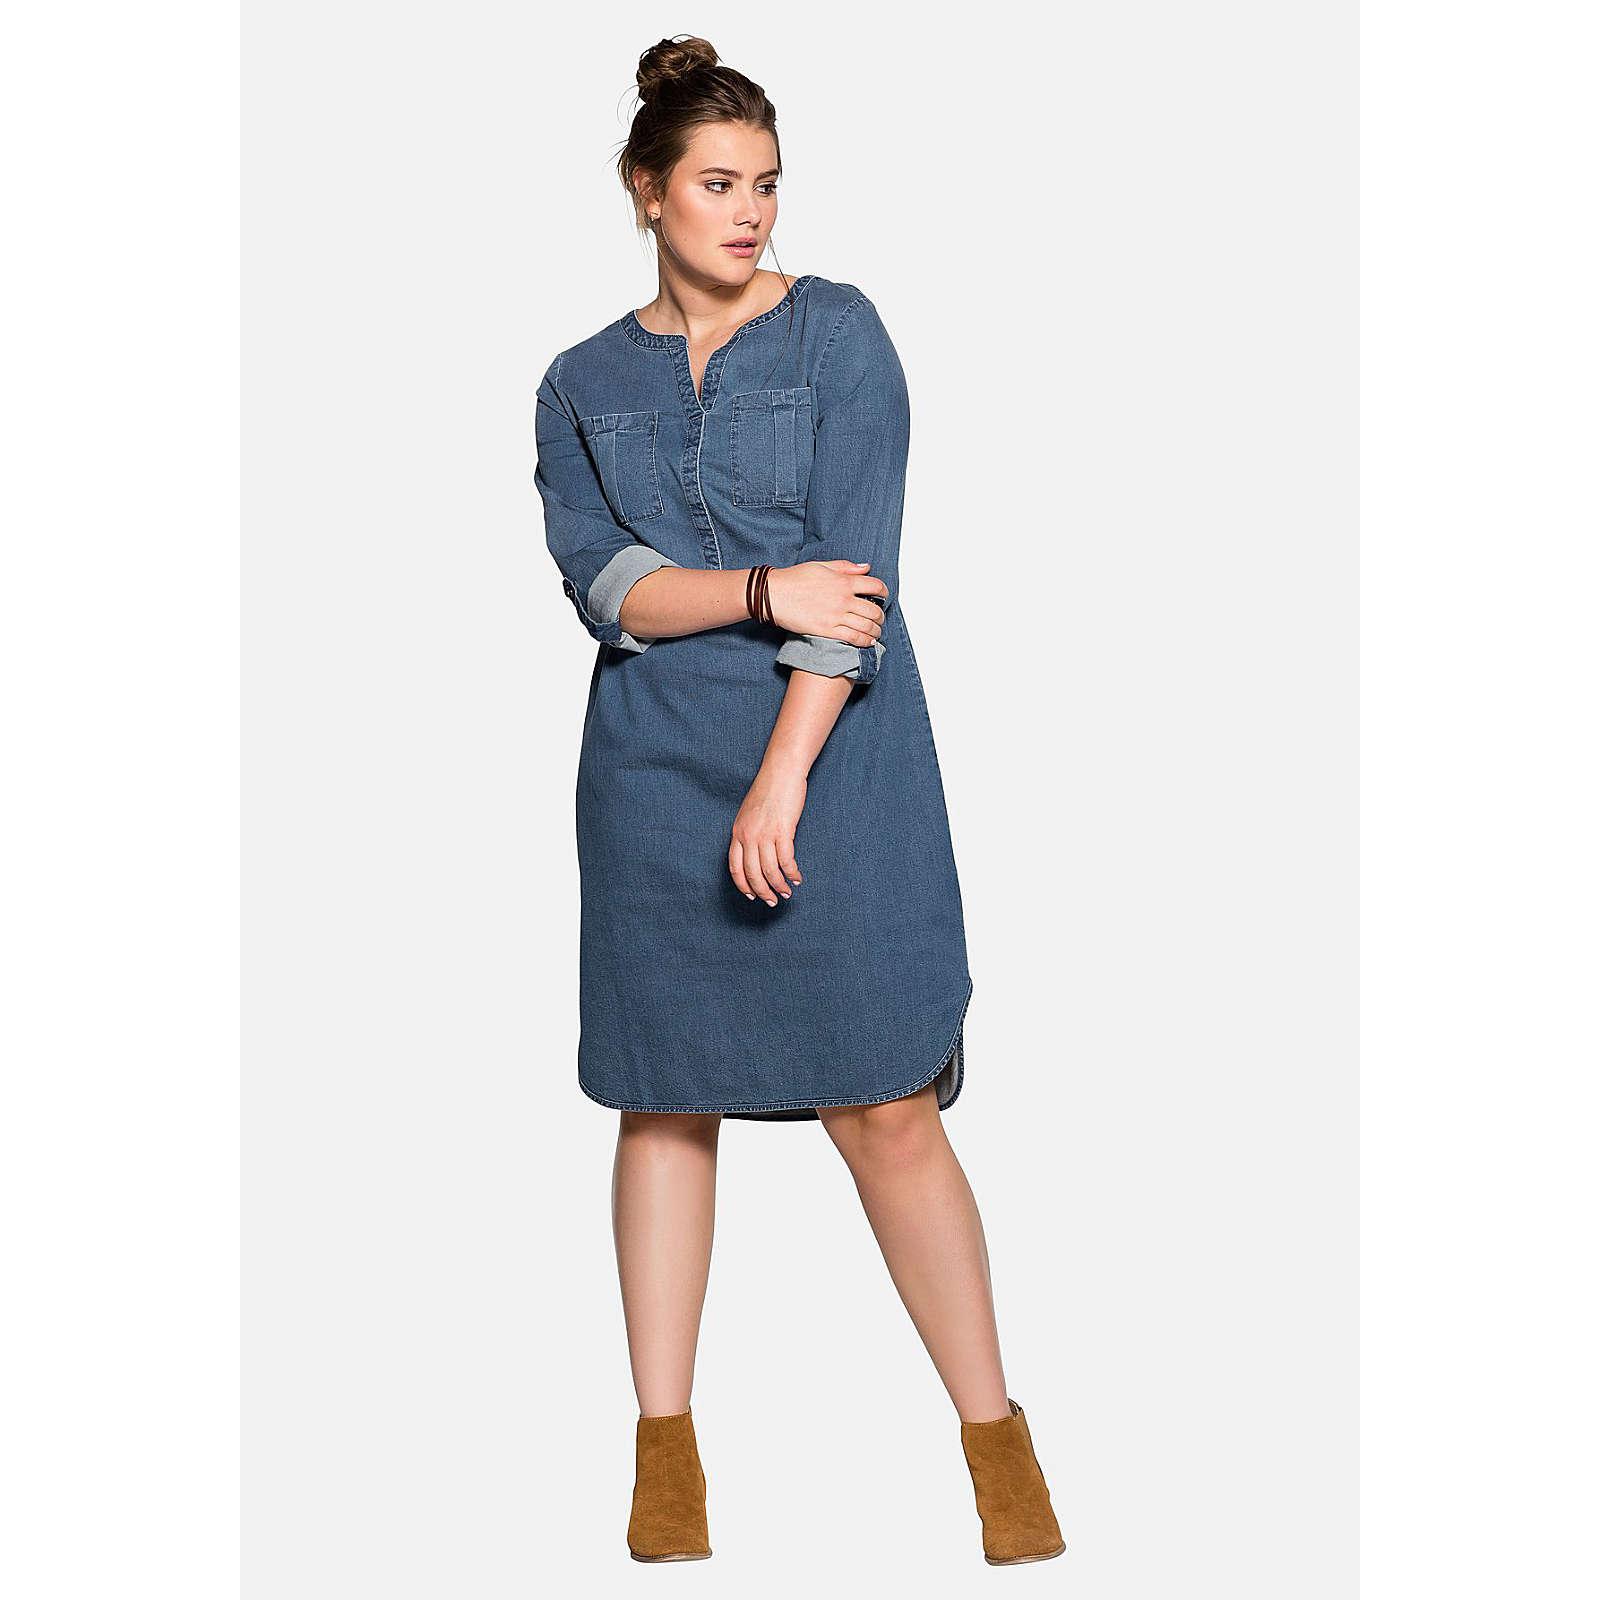 sheego Jeanskleid mit krempelbaren Ärmeln Jeanskleider denim Damen Gr. 44